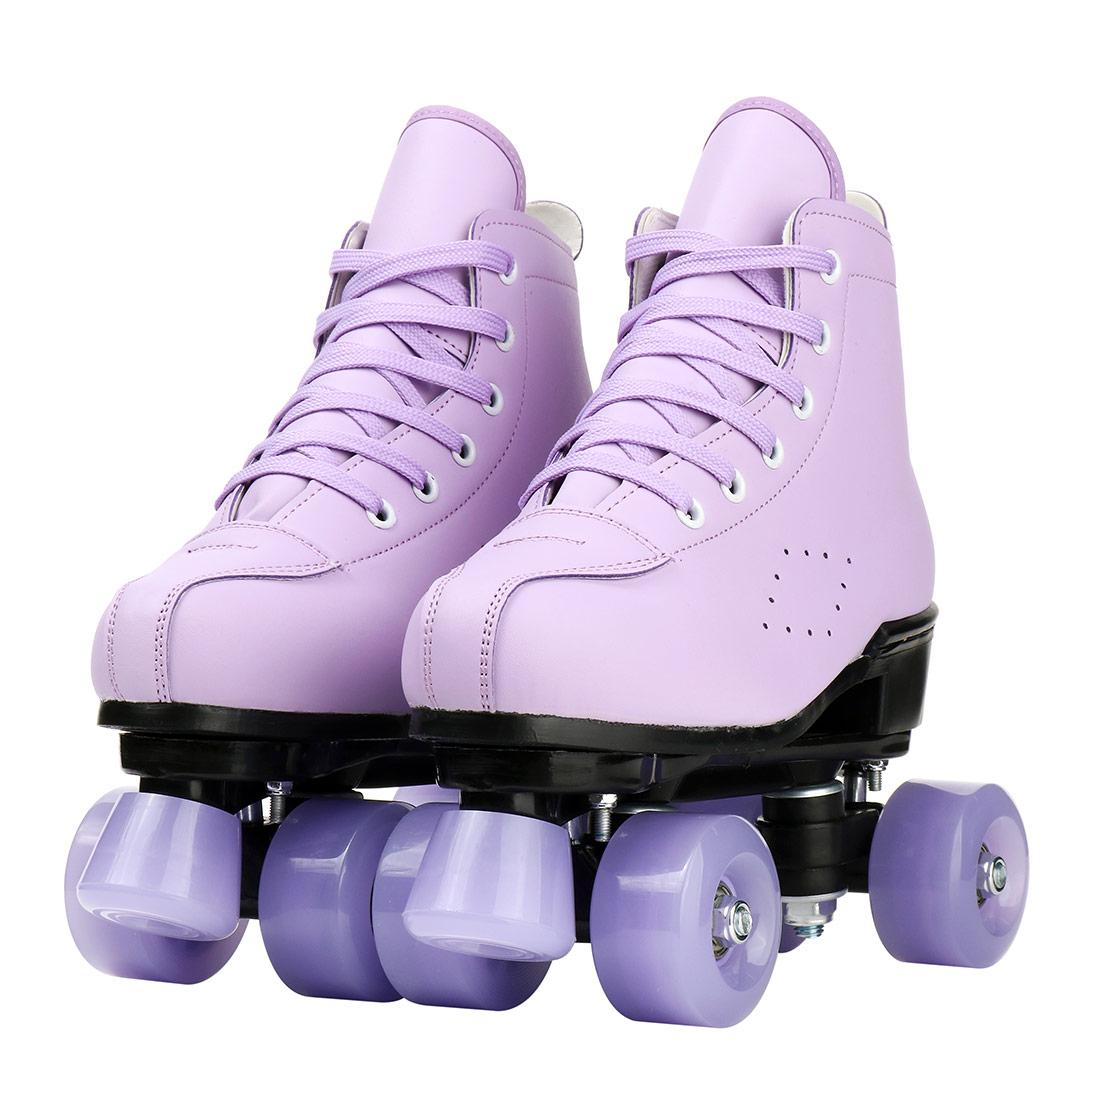 Женские роликовые коньки для девочек 2021, фиолетовые двухрядные 4-колесные коньки, обувь из искусственной кожи с флэш-колесами для раздвижны...